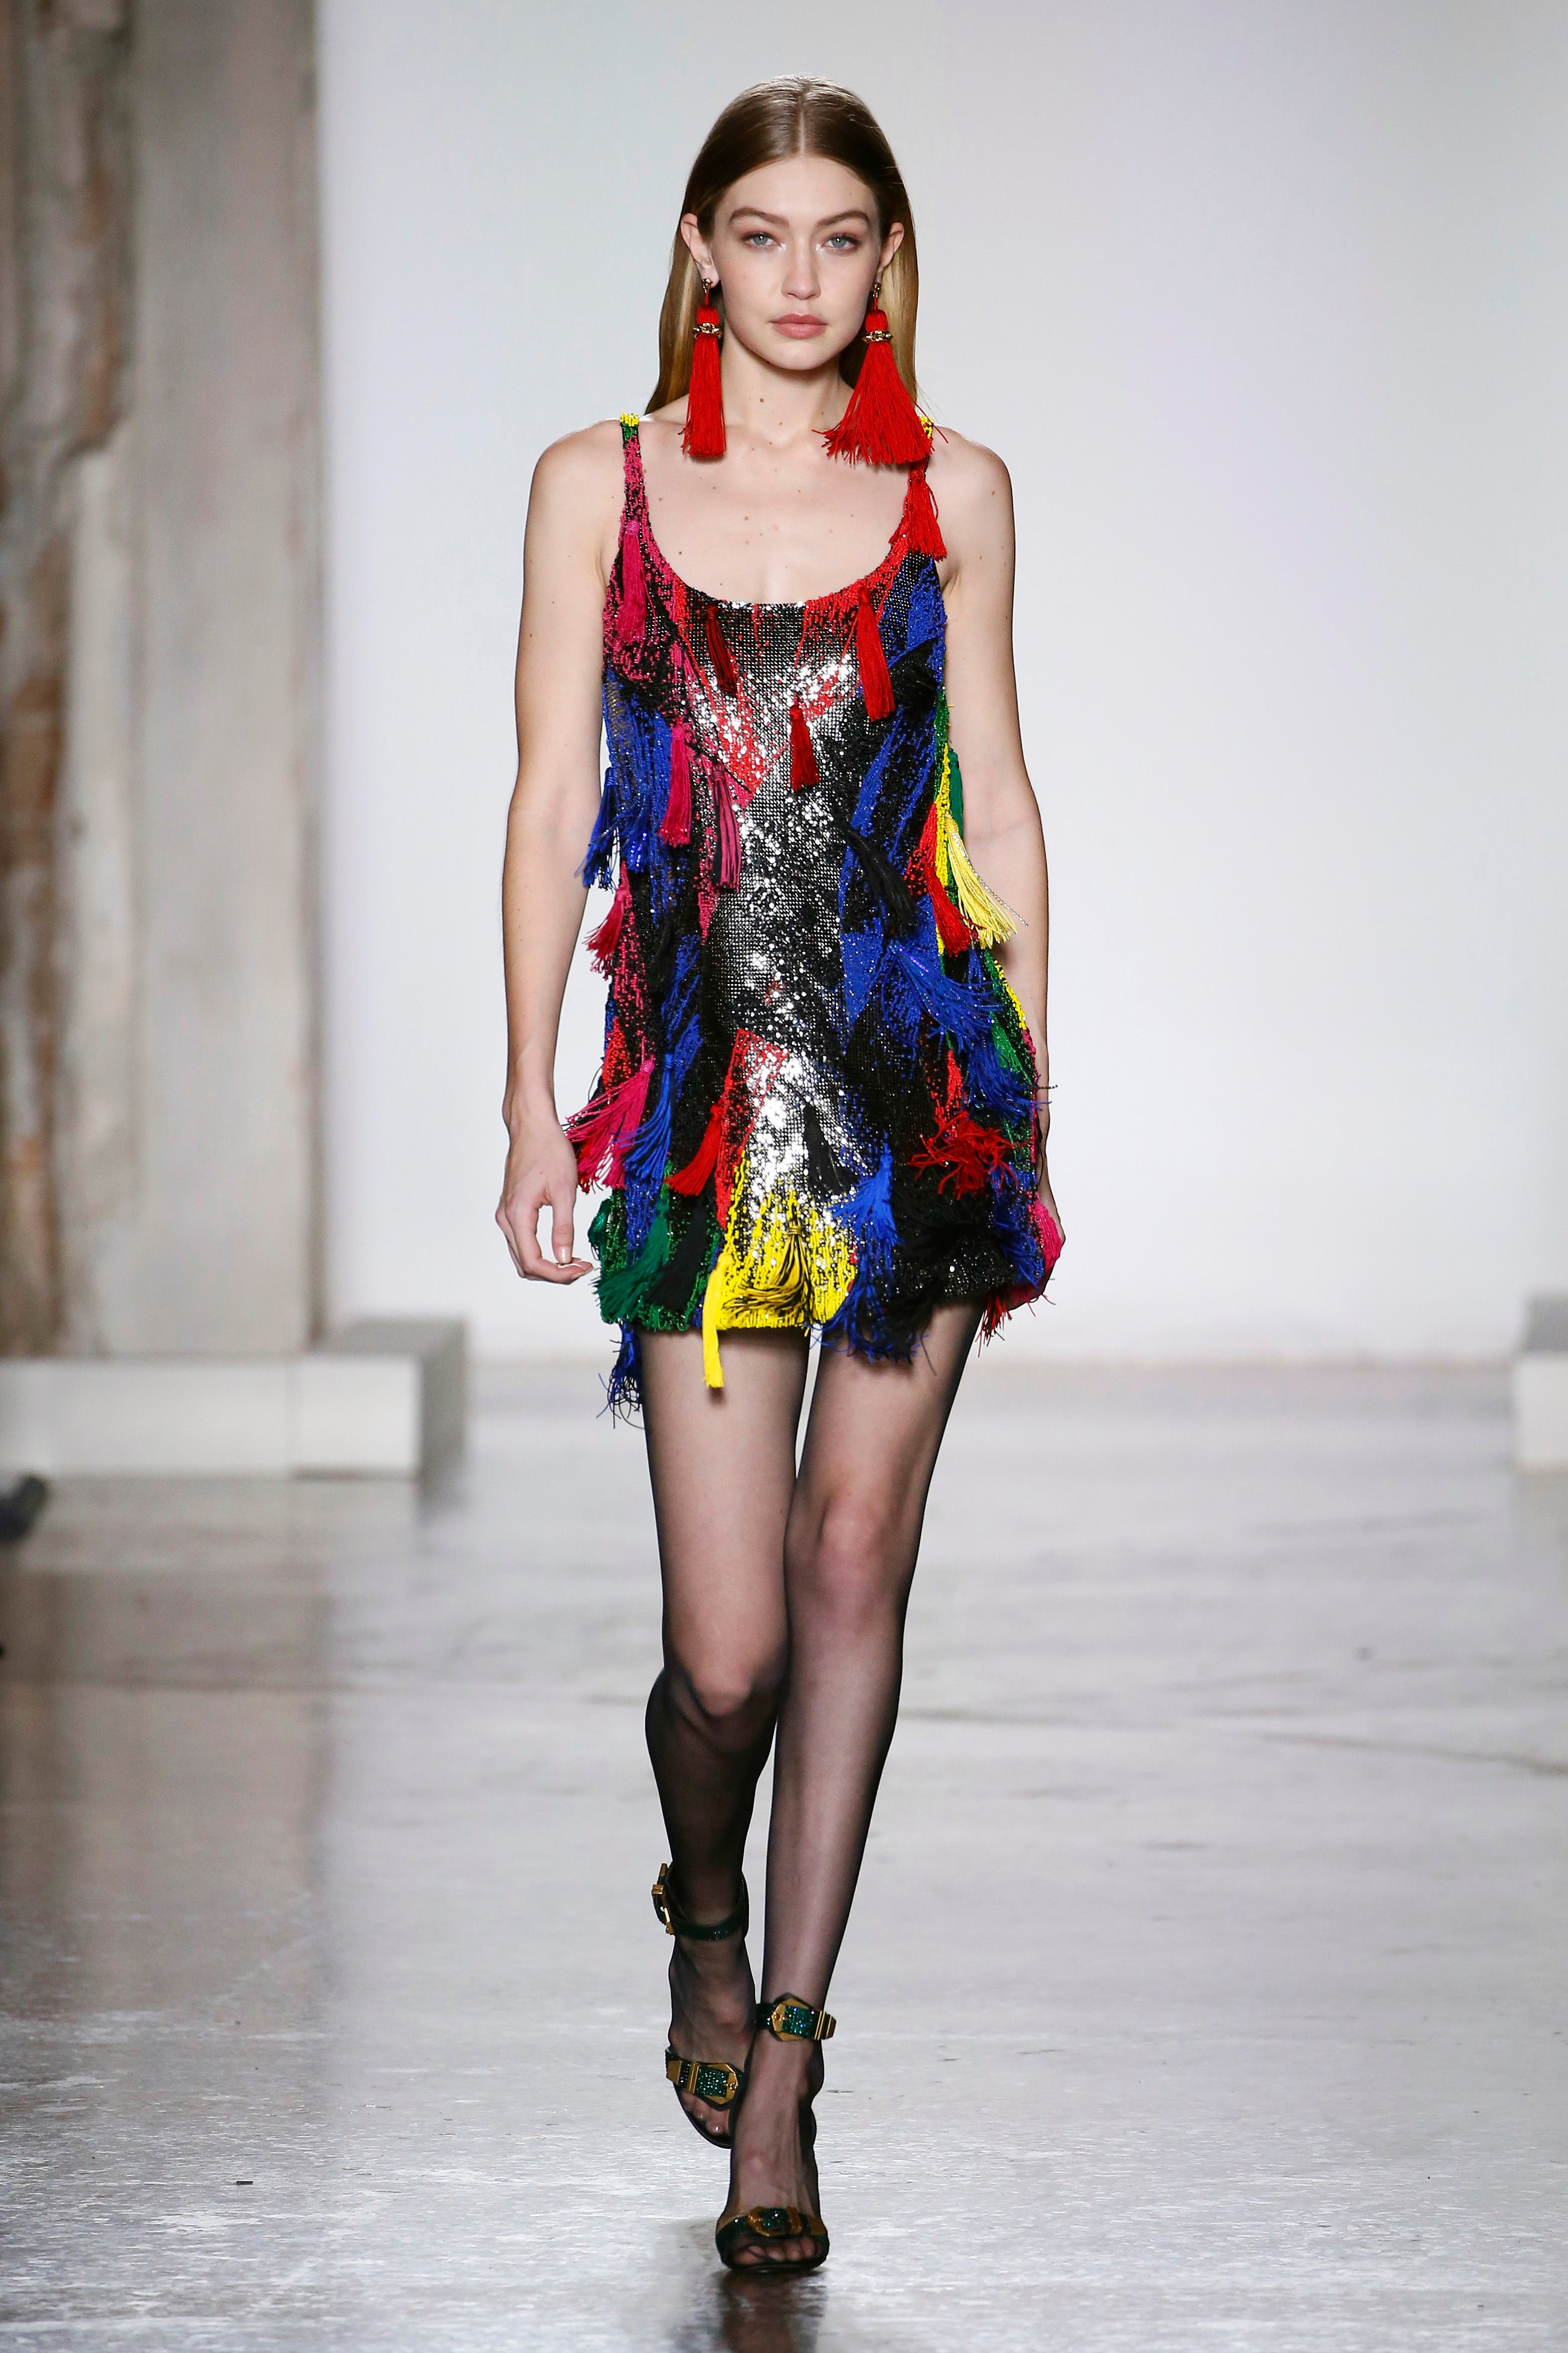 7515f5b3cfe620 Gigi Hadid Dominates Milan Fashion Week Runways -- See Her Fierce Looks